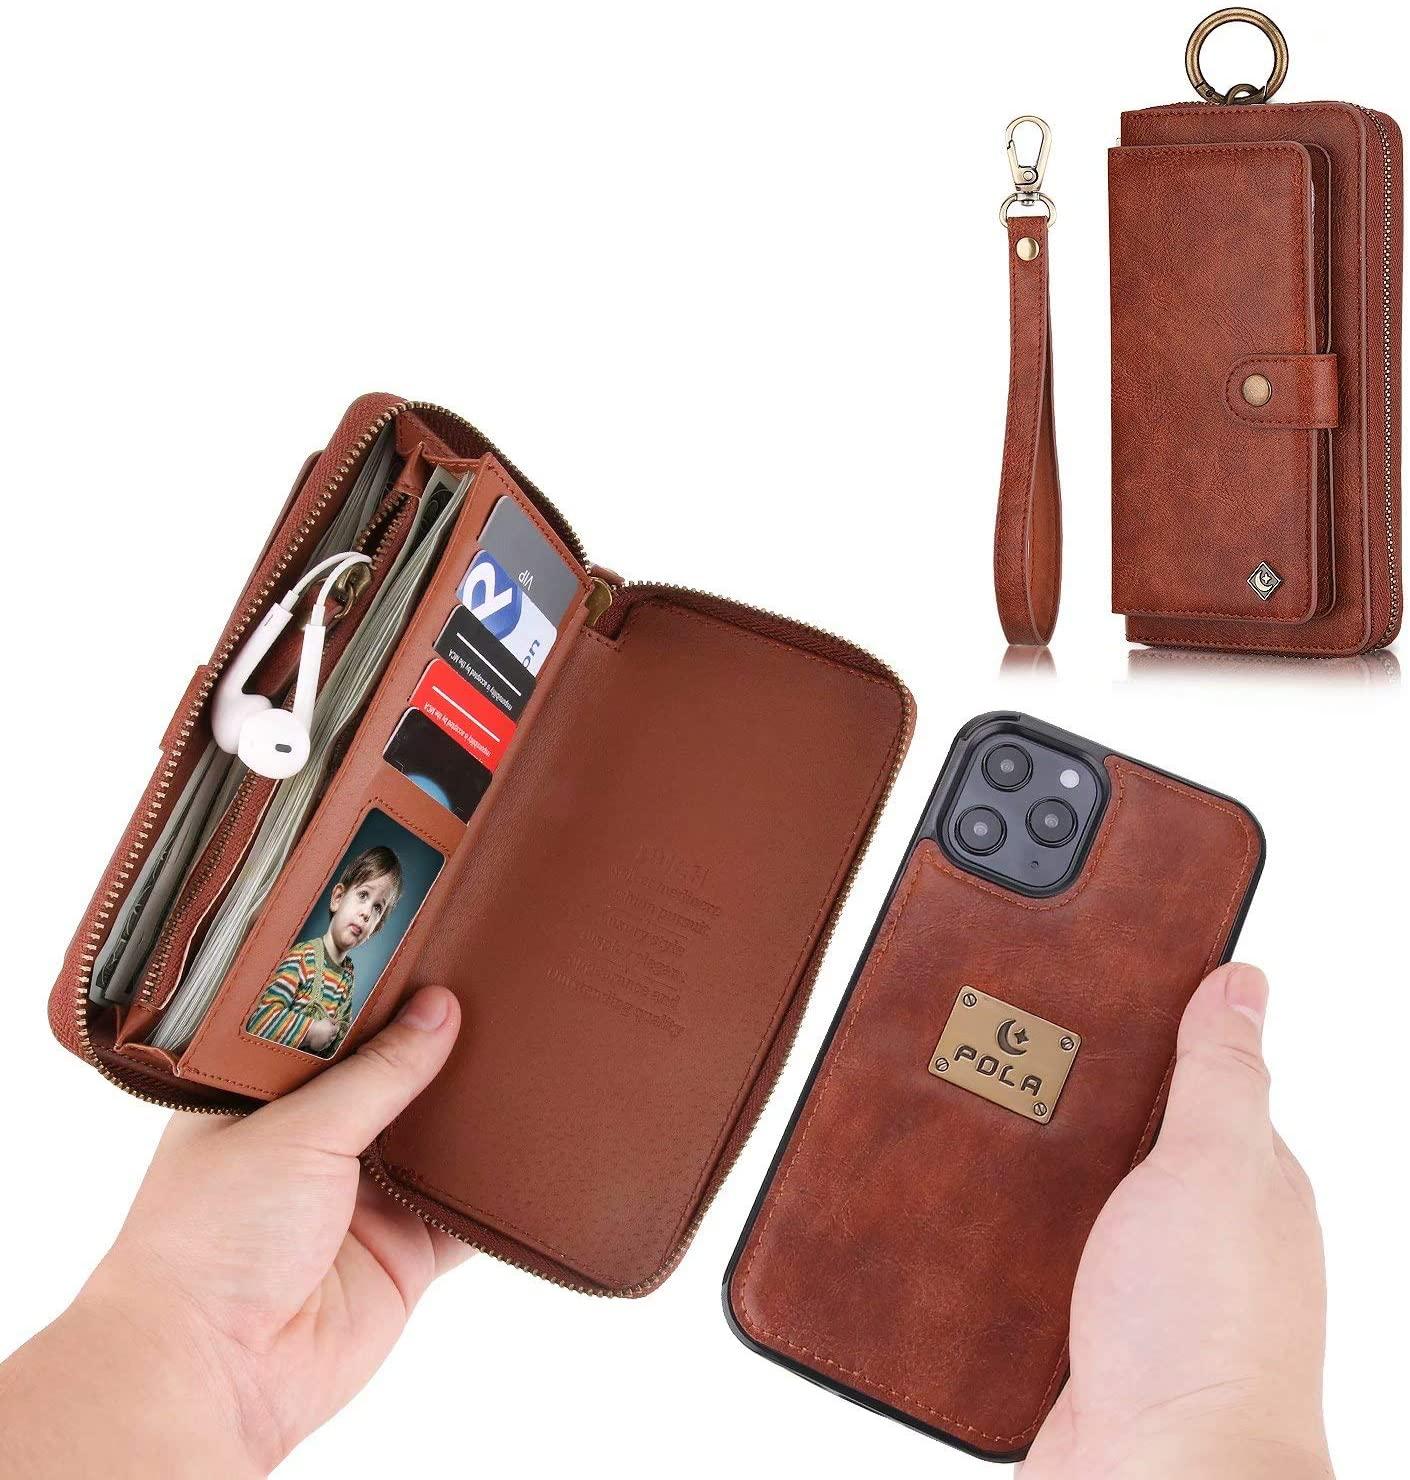 TianSui Funda de piel para iPhone 12 mini, con cremallera, tarjetero y cierre magnético extraíble, color marrón